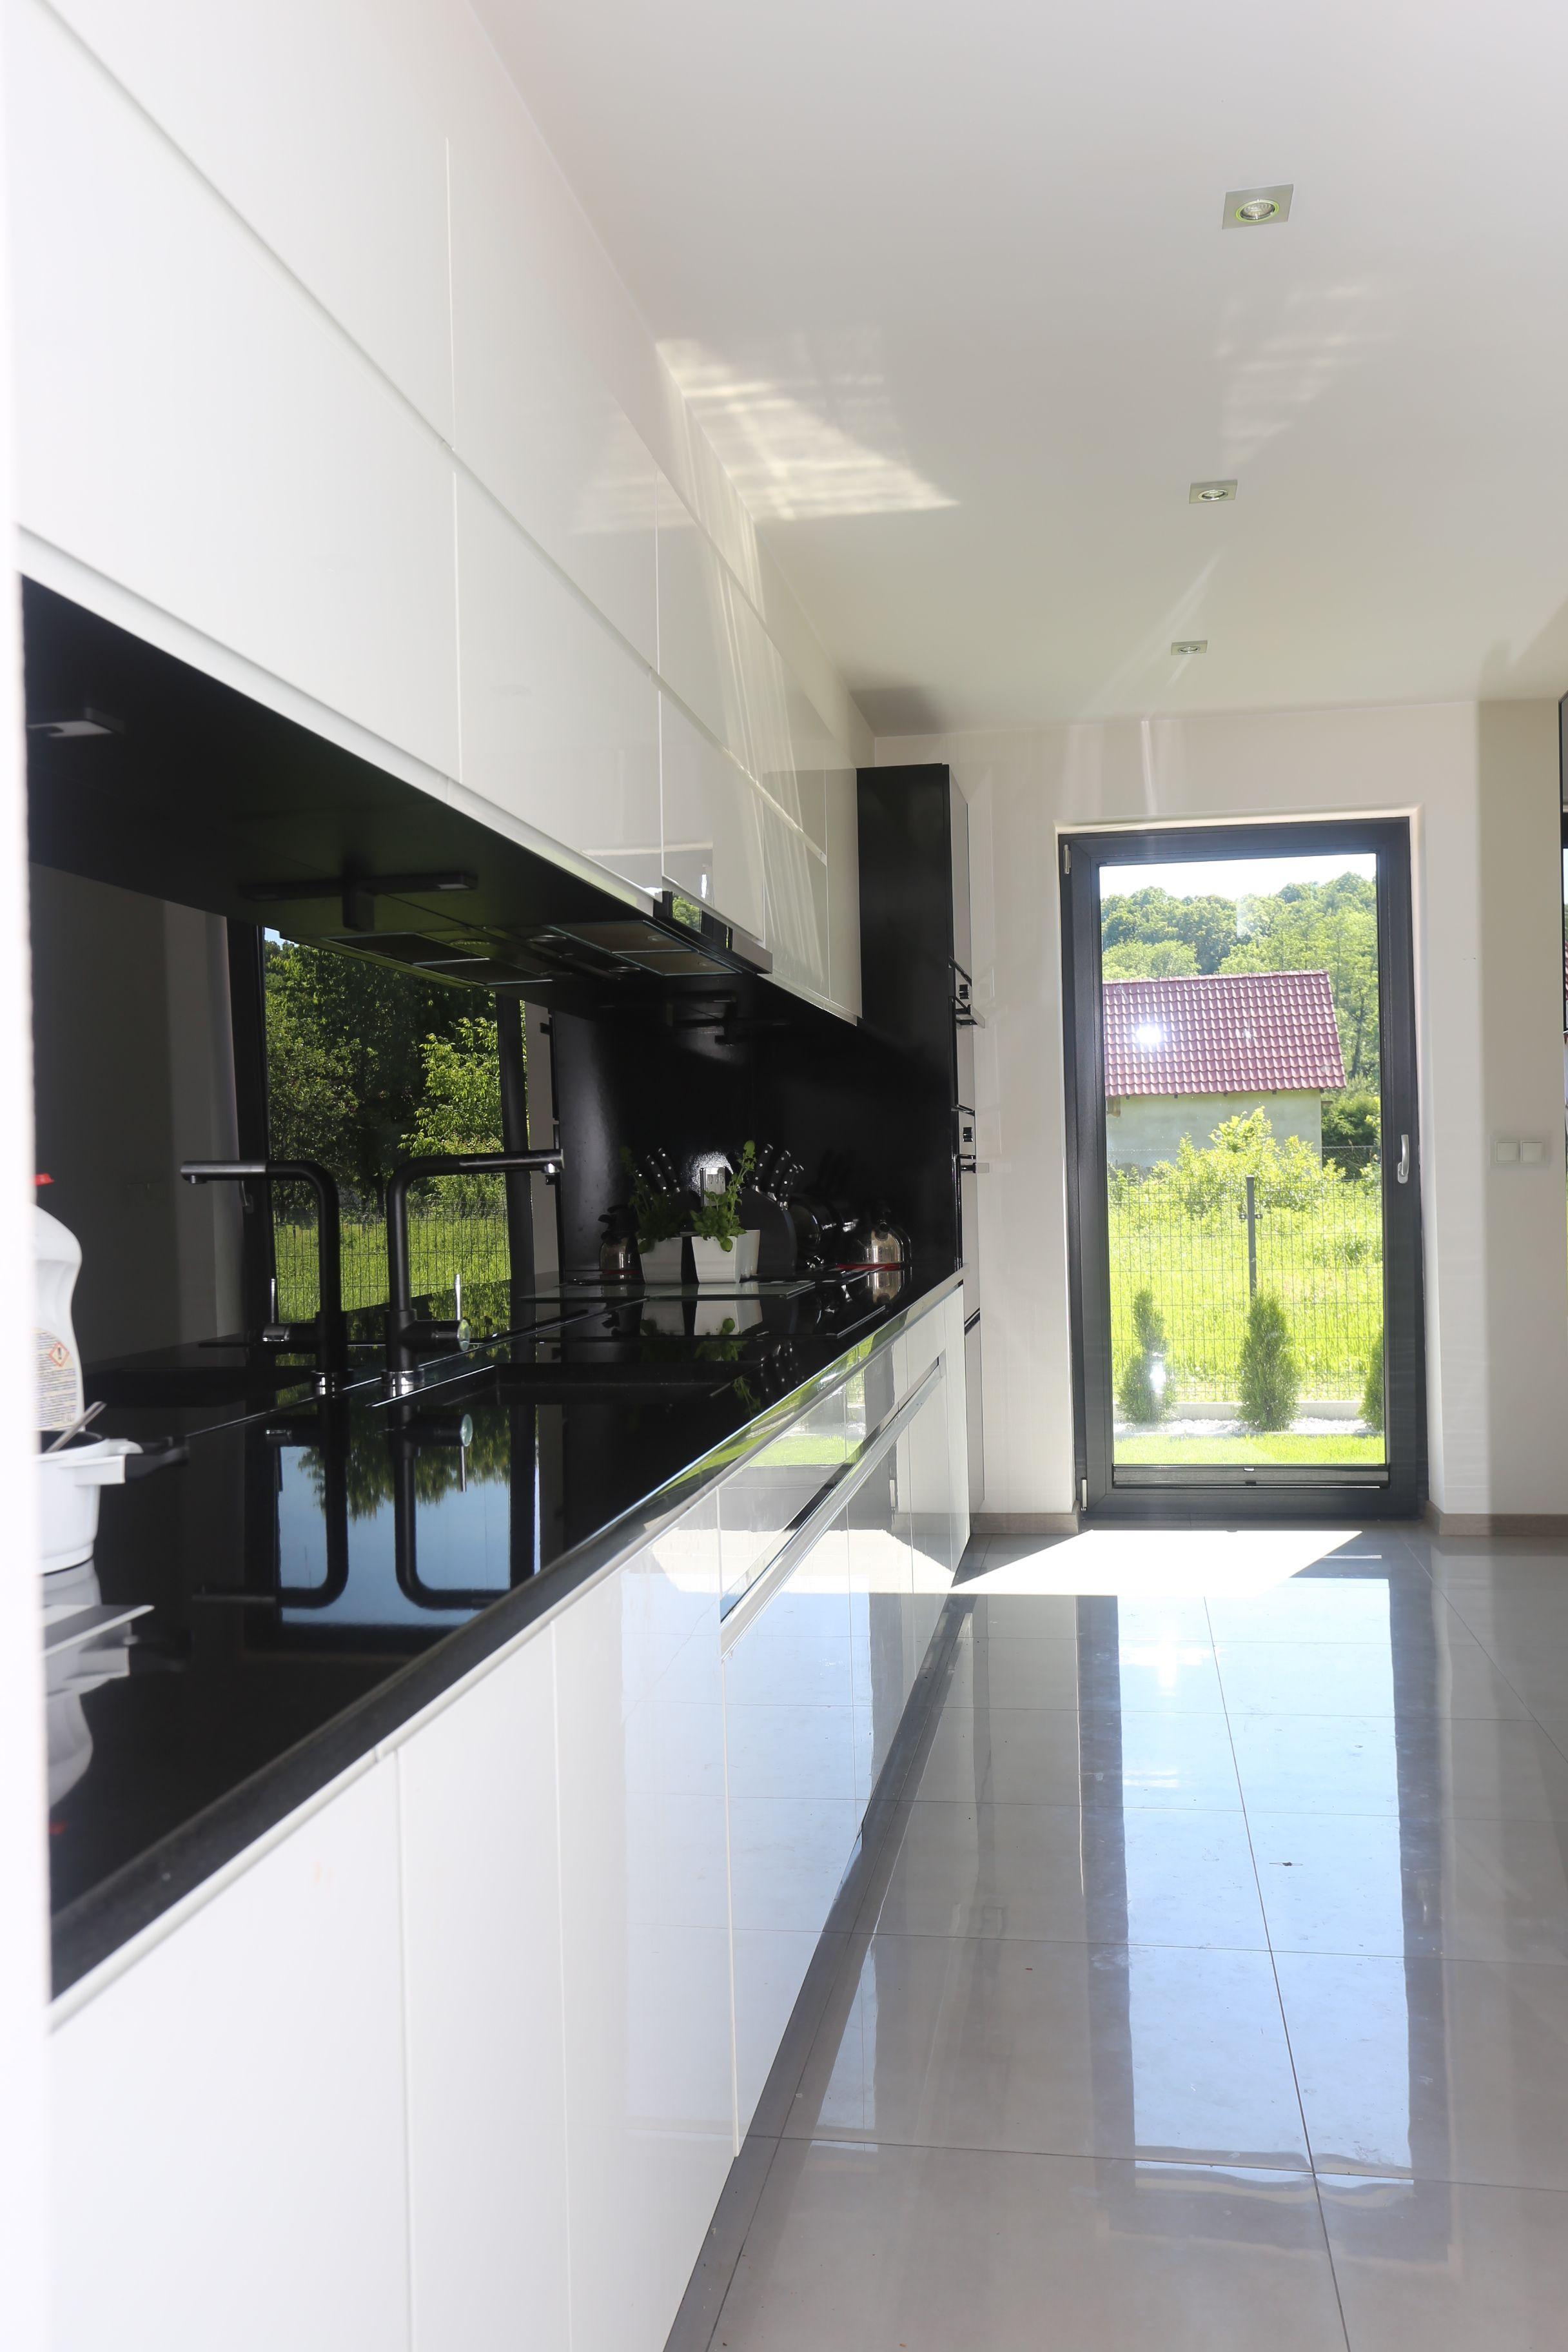 Drzwi Balkonowe W Kuchni To Bardzo Funkcjonalne Rozwiazanie